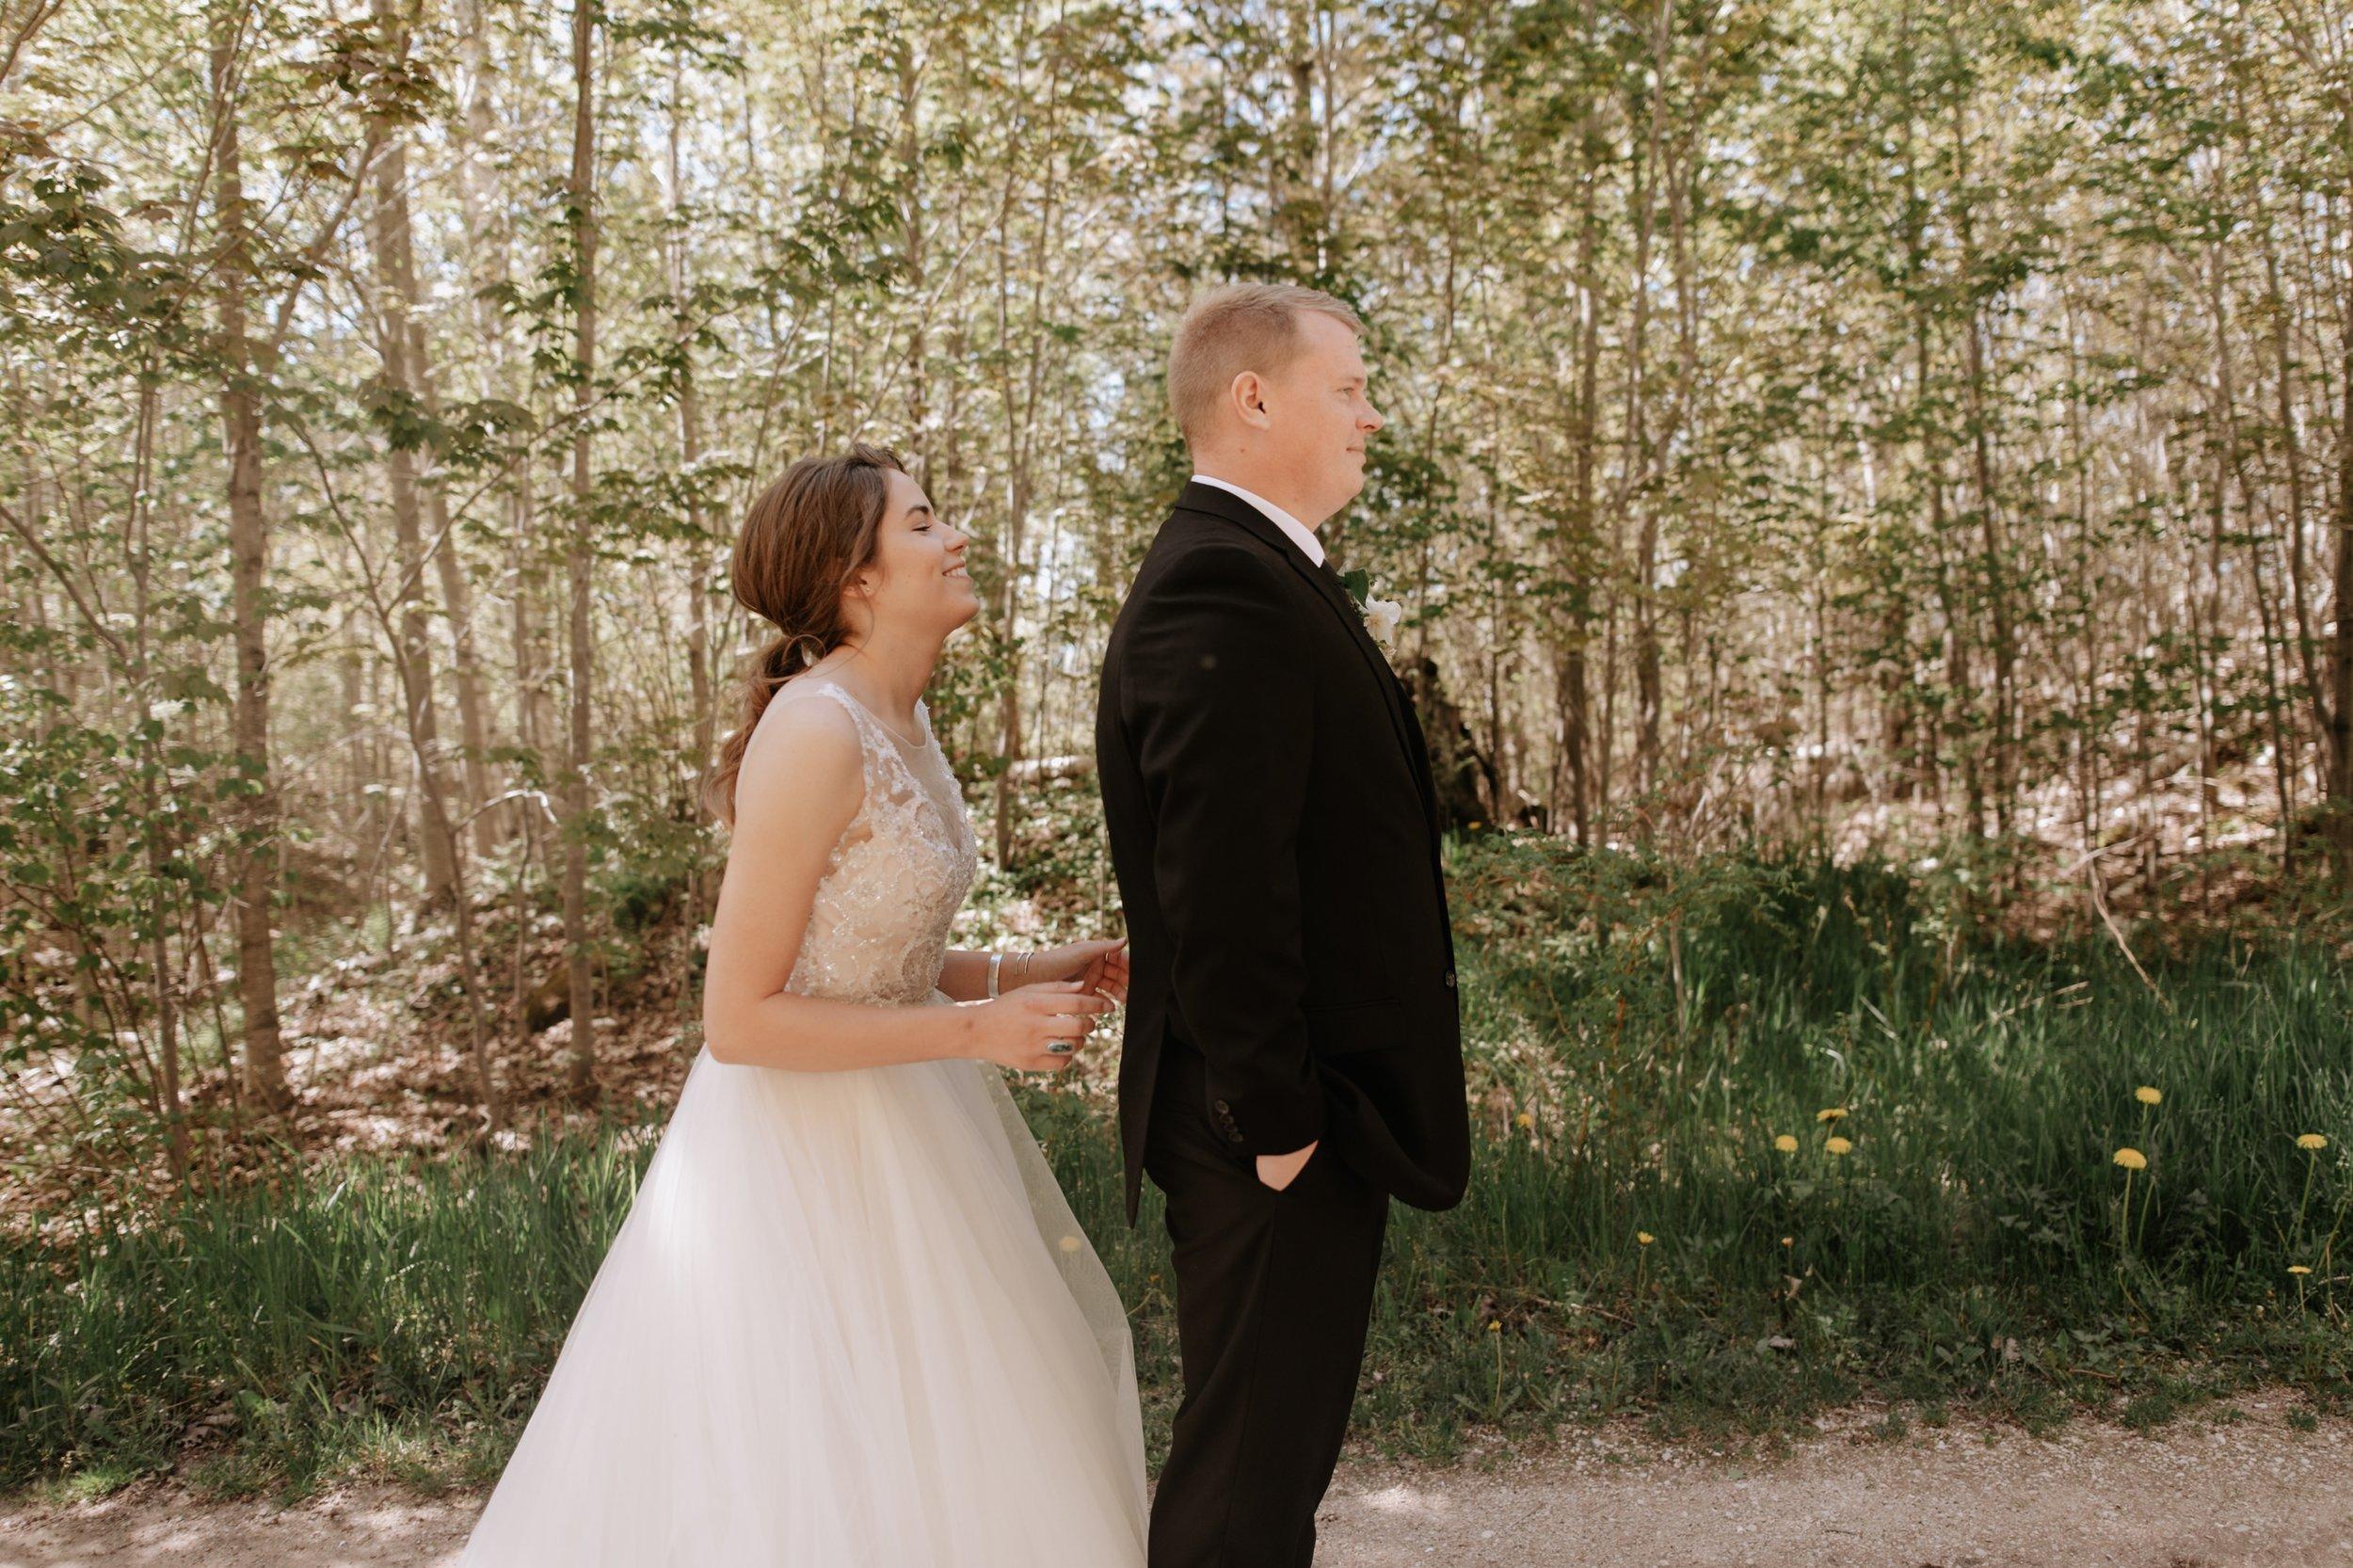 Madeline-Island-Wedding-Photography_15.jpg